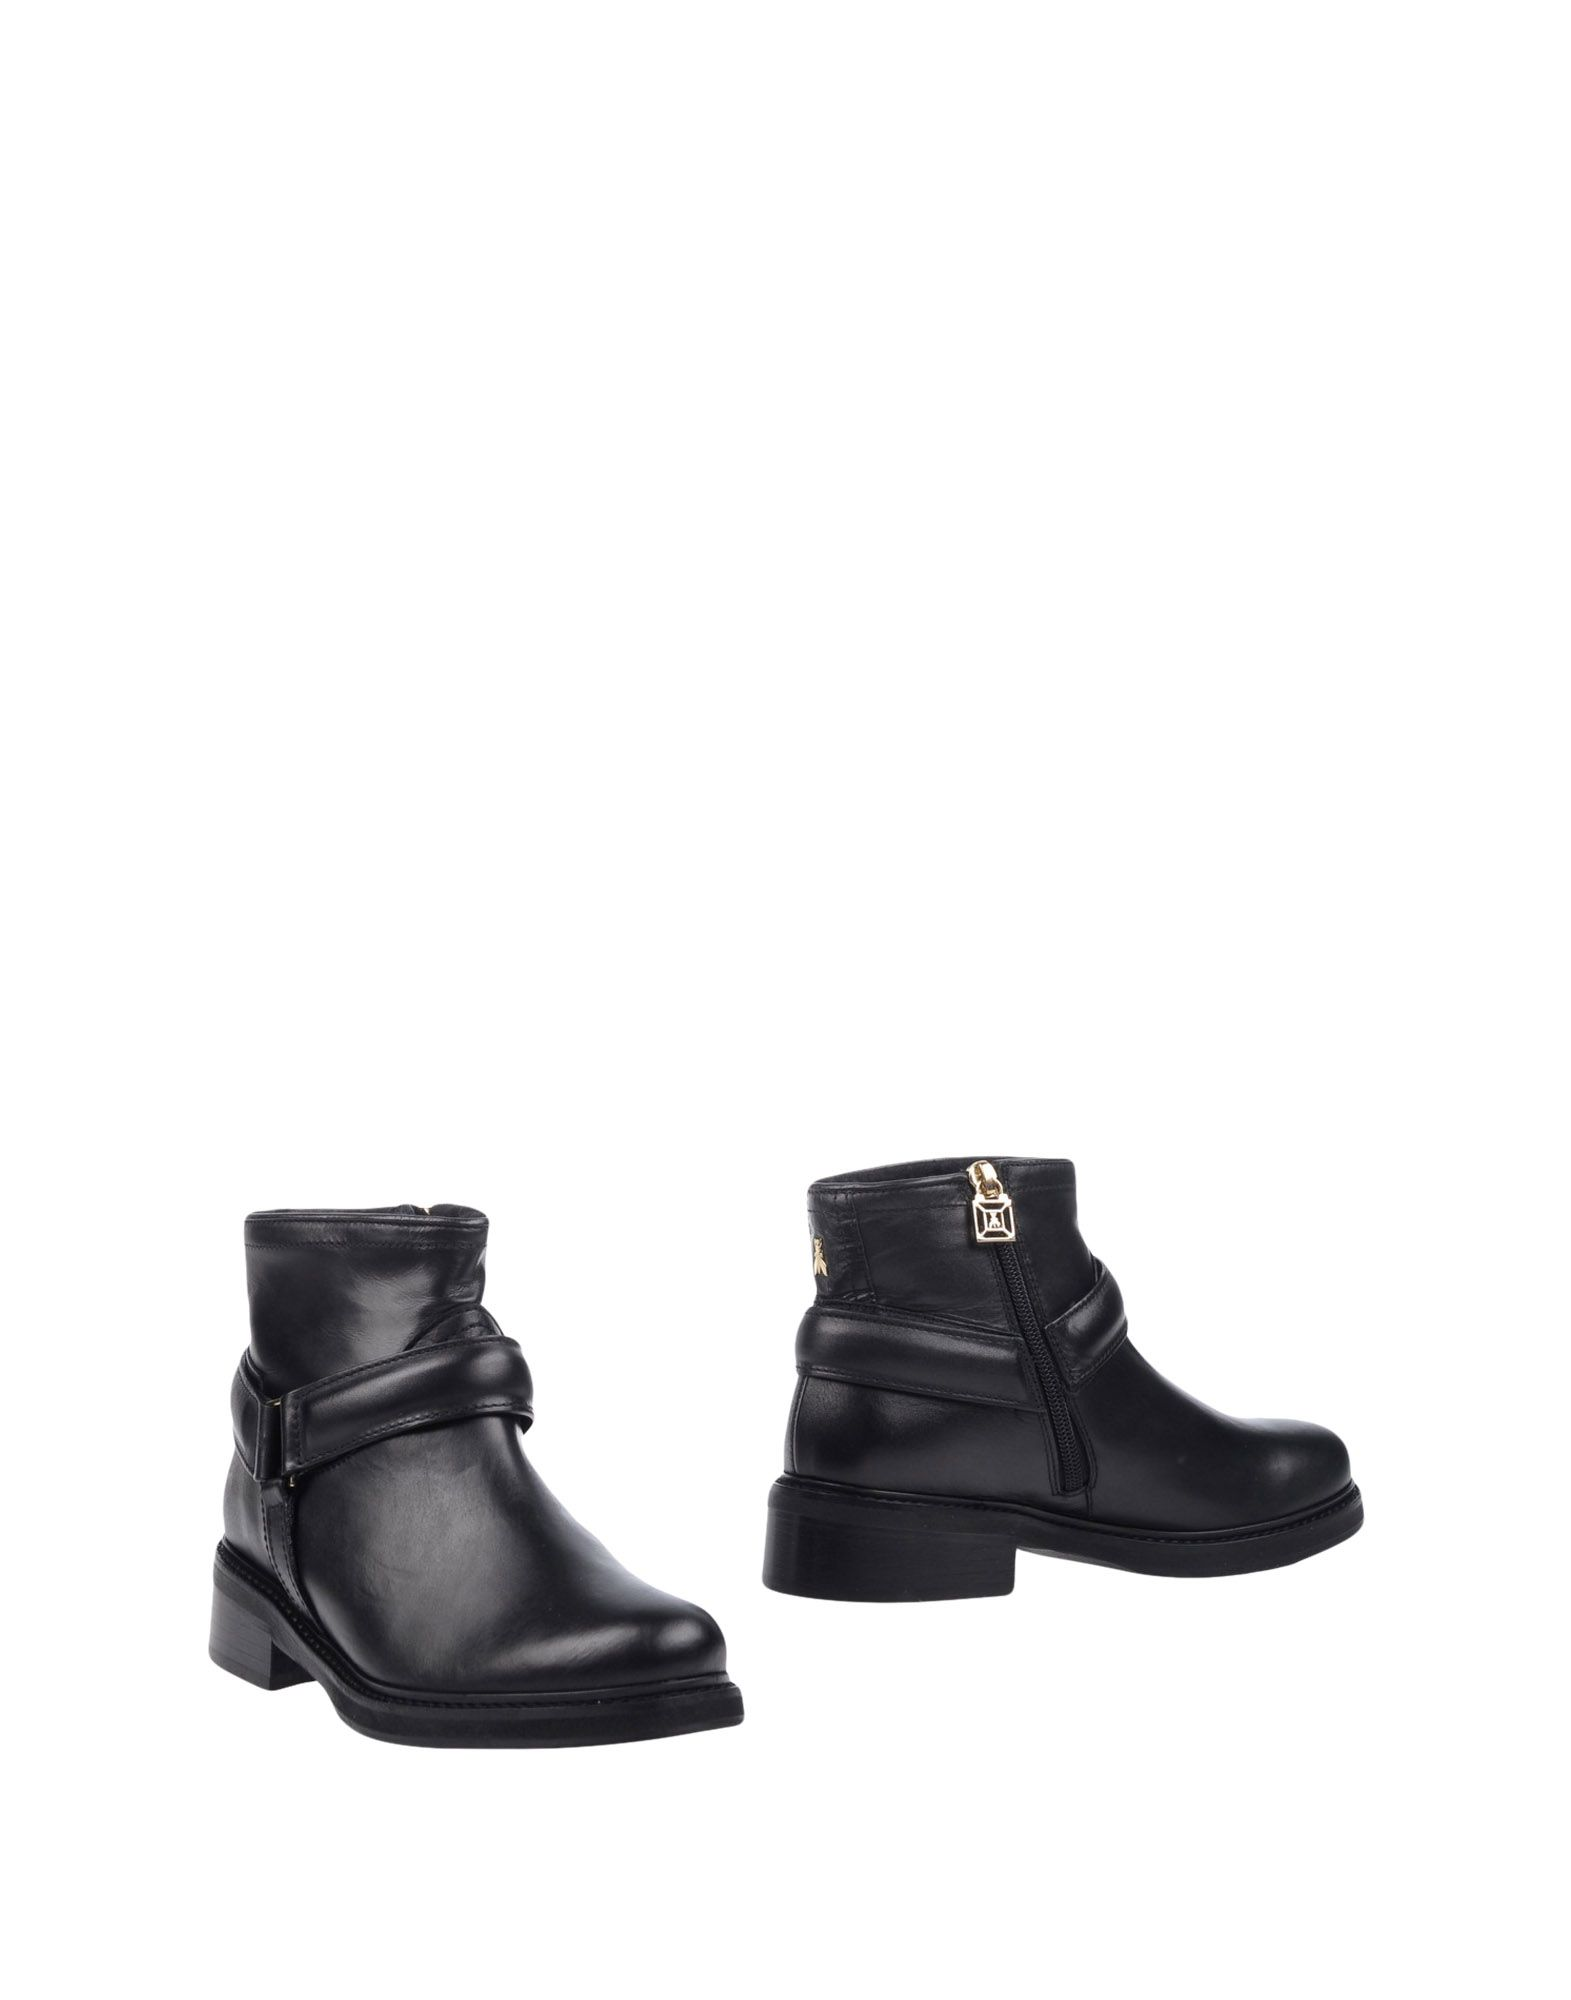 Patrizia Pepe Stiefelette Damen strapazierfähige  11299302TKGut aussehende strapazierfähige Damen Schuhe 5a4984